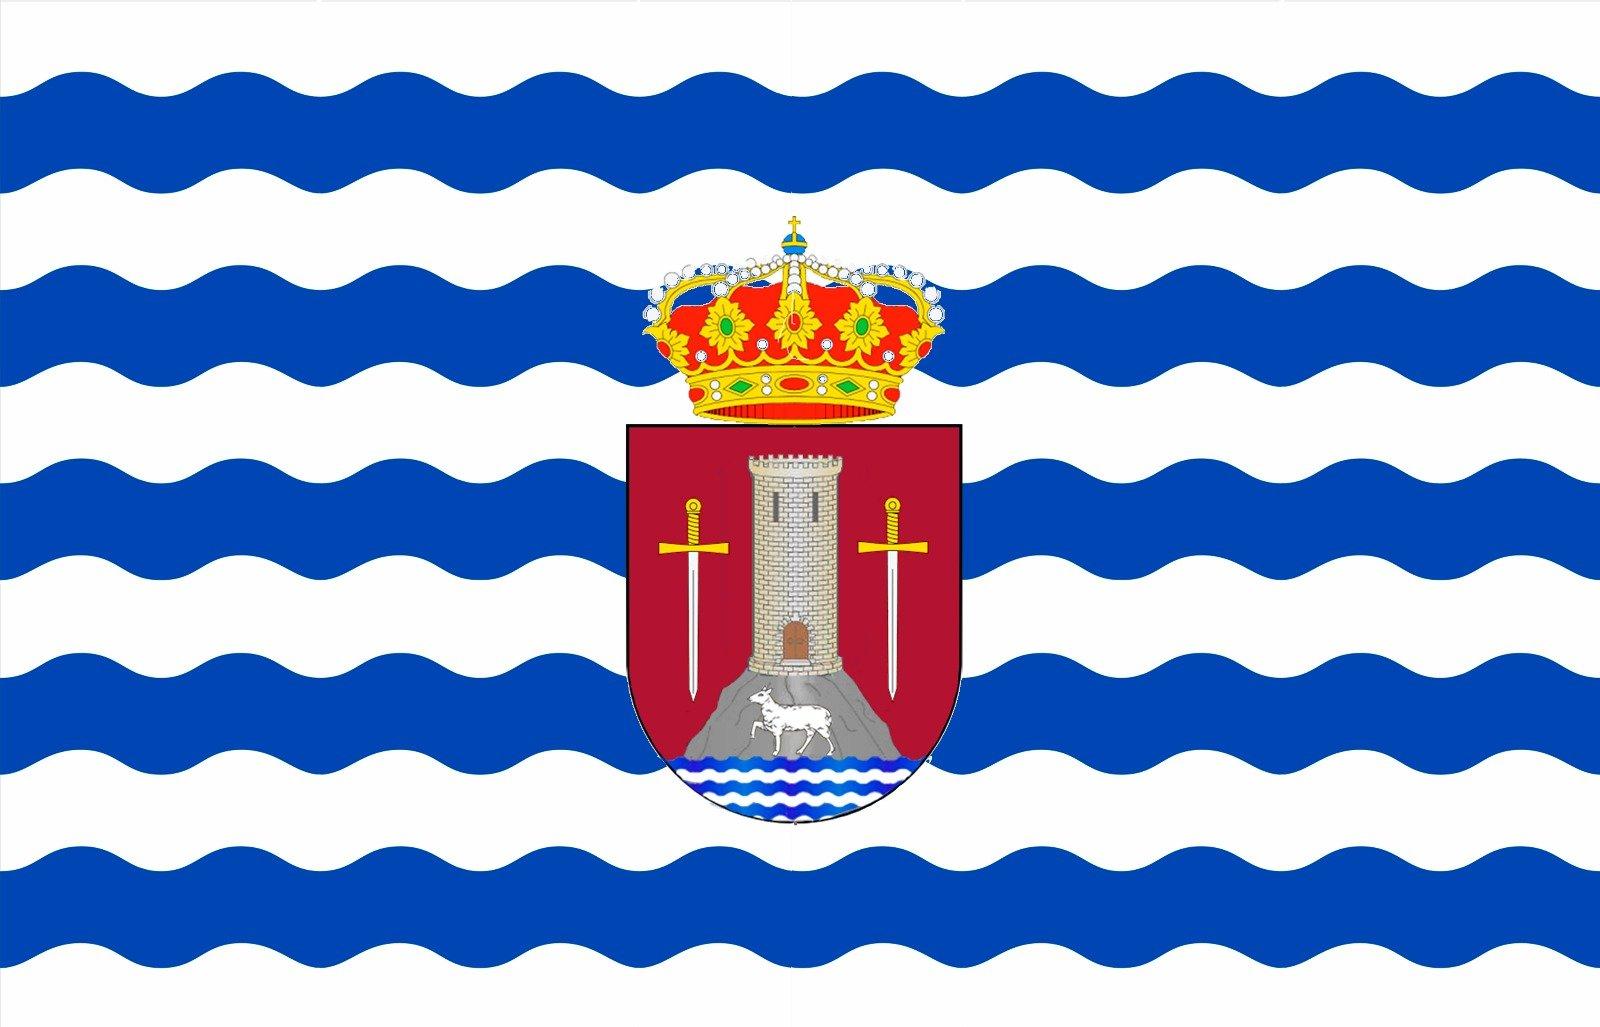 Nueva Bandera de Torrecaballeros